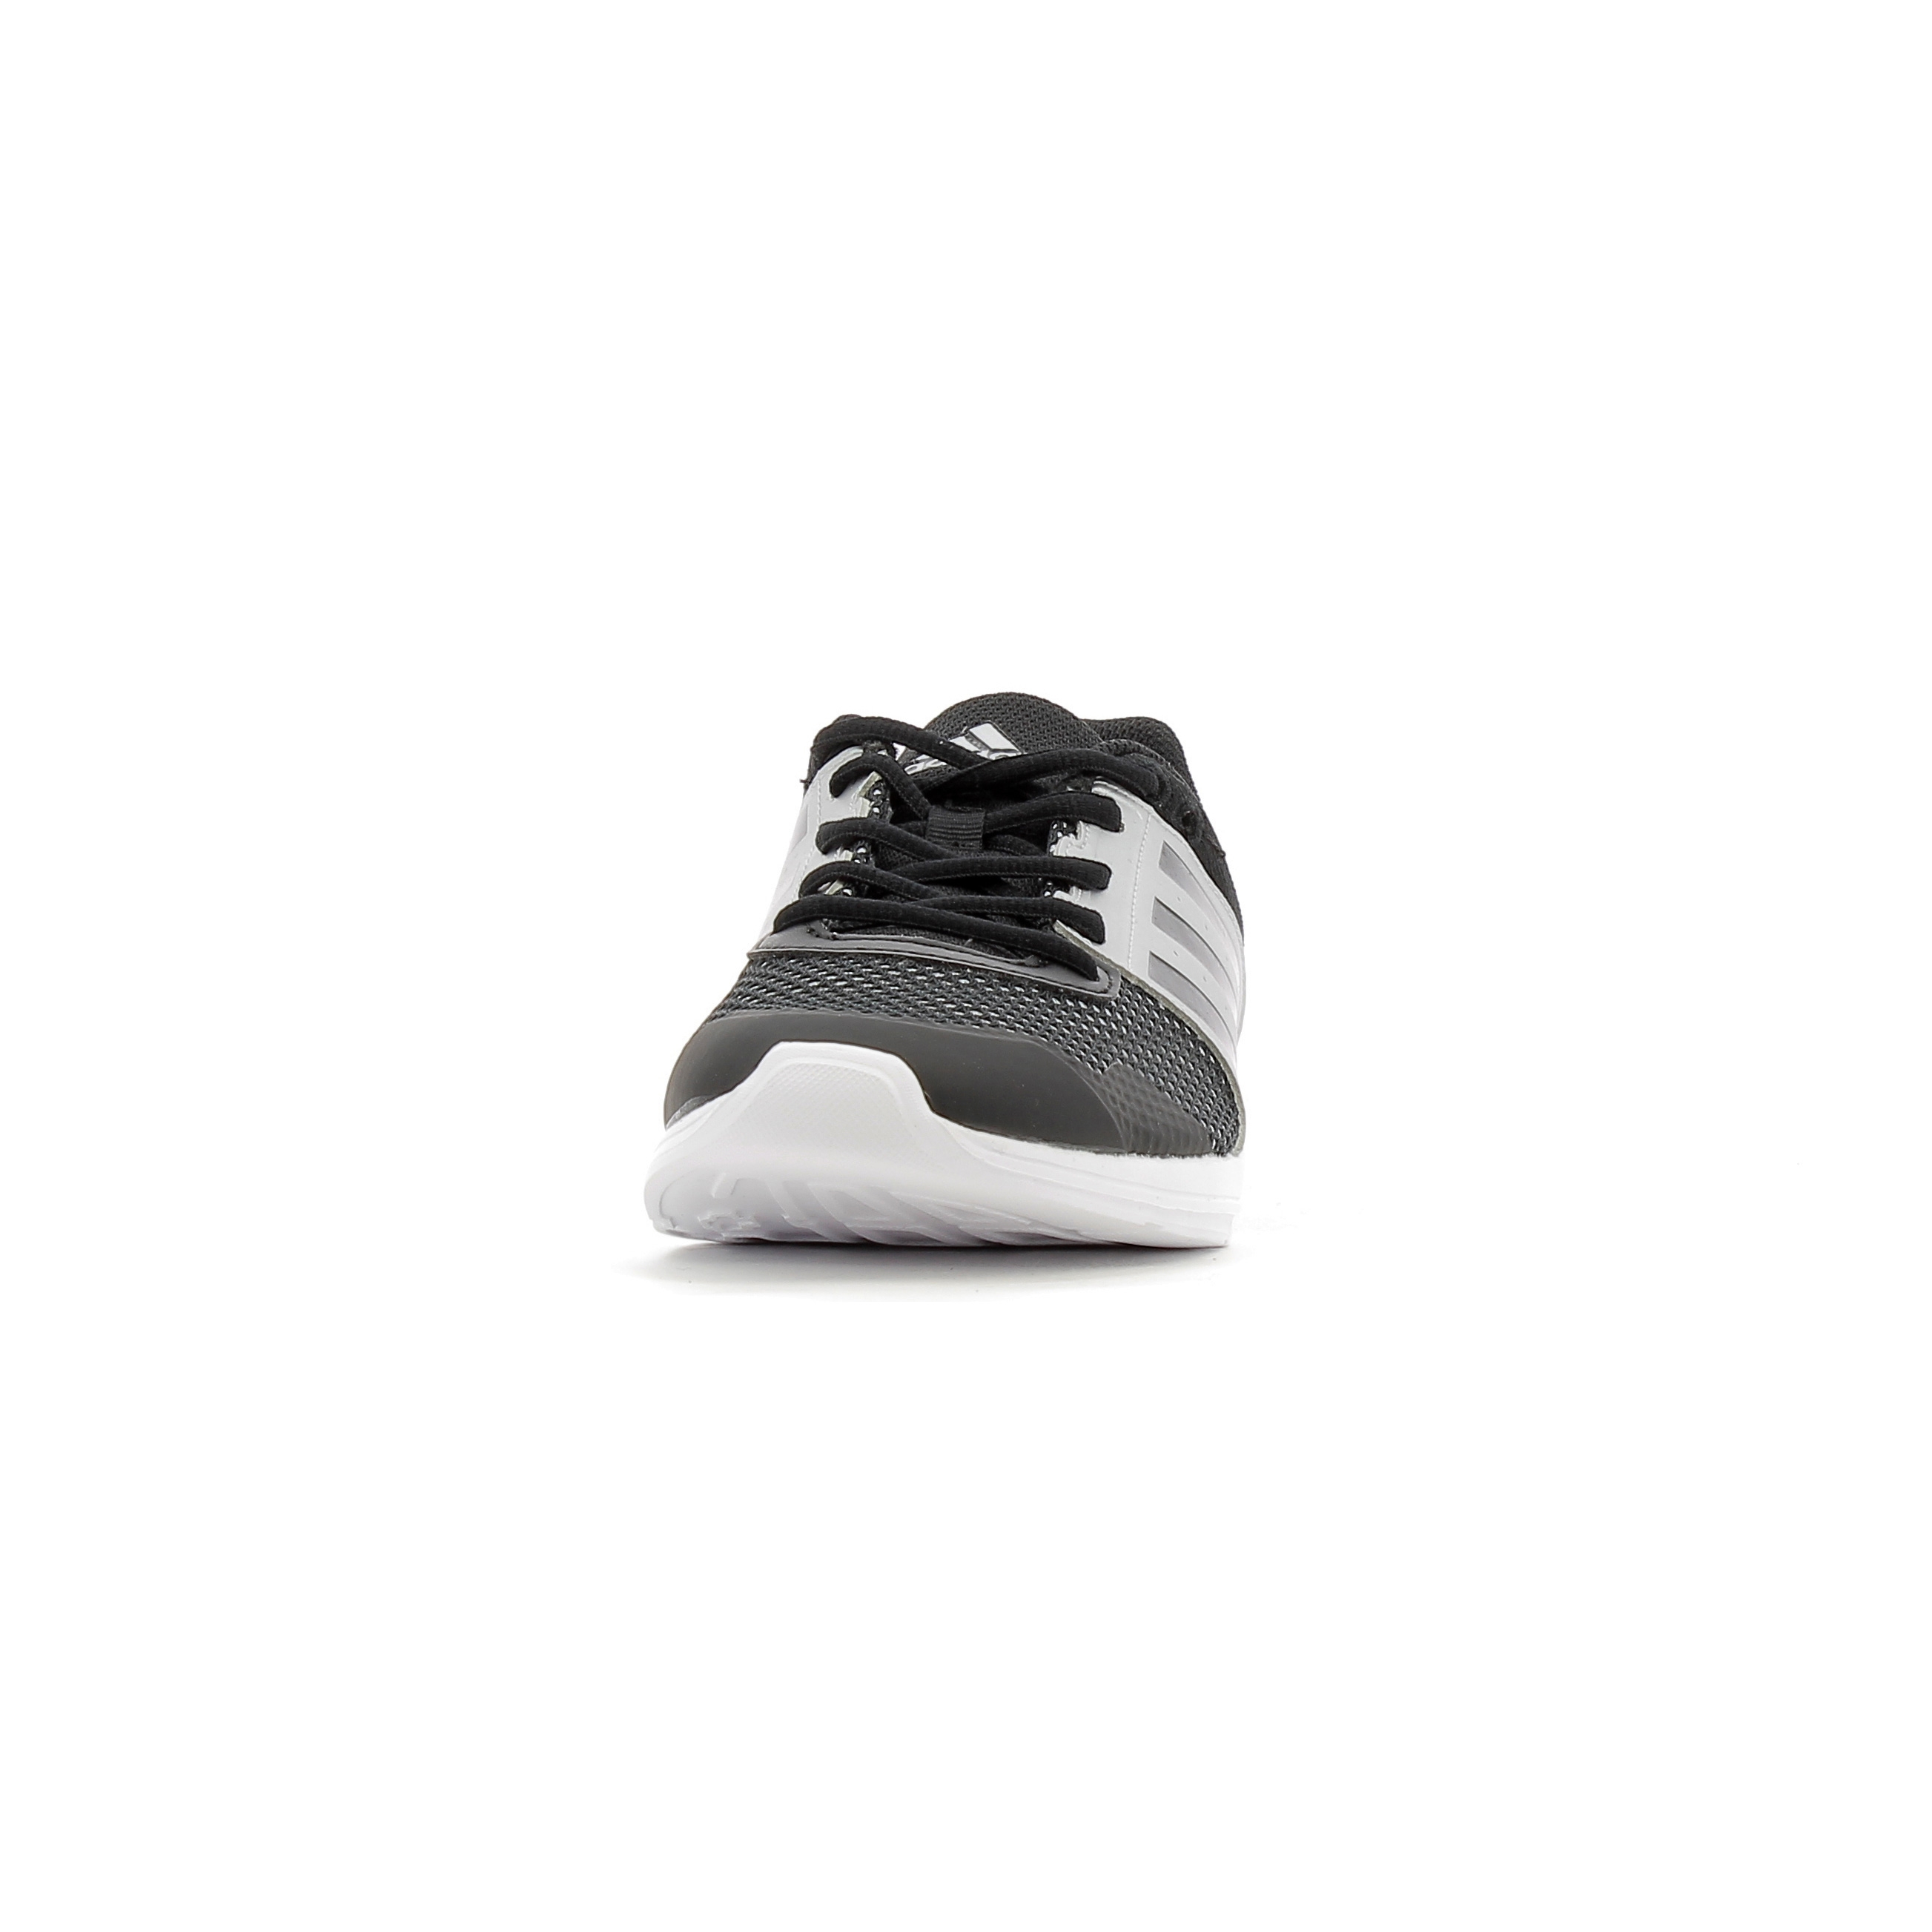 outlet store 75ec7 88e5a Chaussures de Cross Training Femme adidas running Essential Fun 2 W Noir